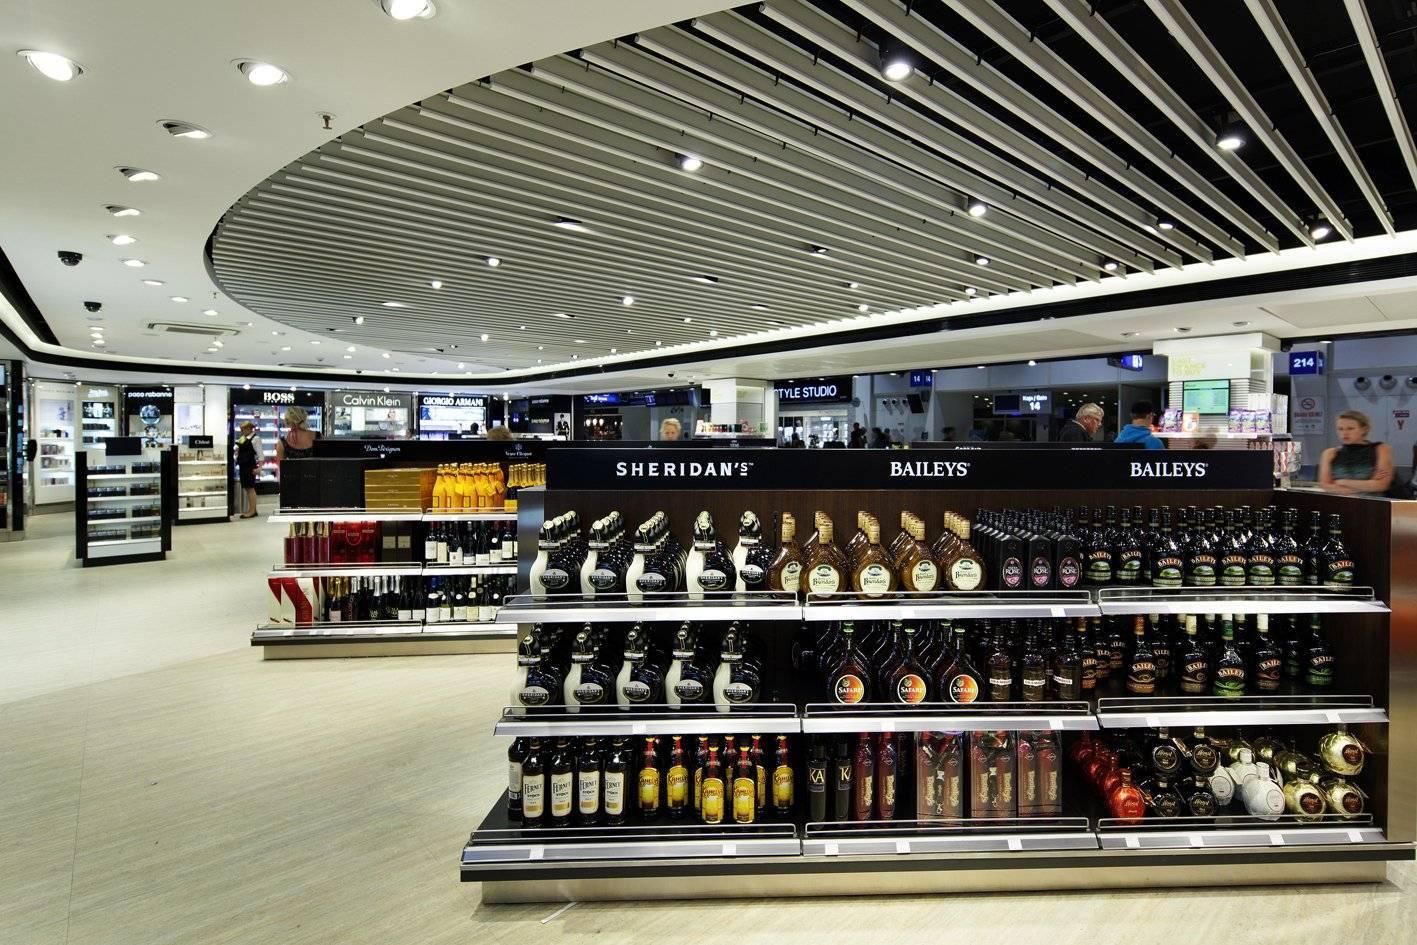 Дьюти фри в аэропортах мира: так ли выгодно там покупать?